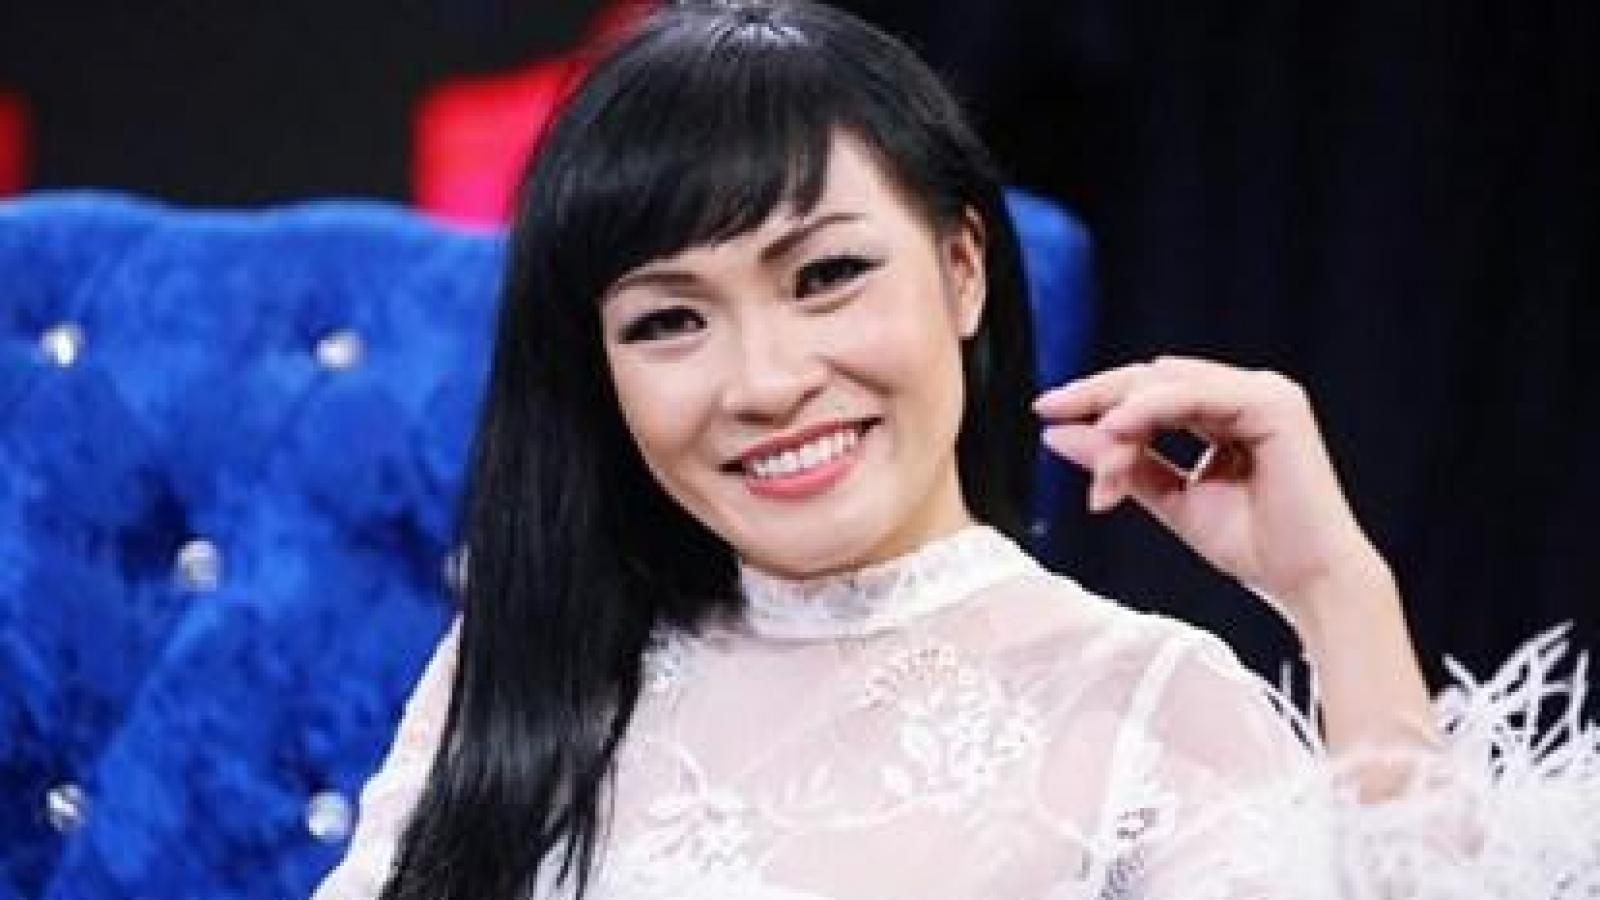 Chuyện showbiz: Phương Thanh tuyên bố sẵn sàng sao kê từ thiện